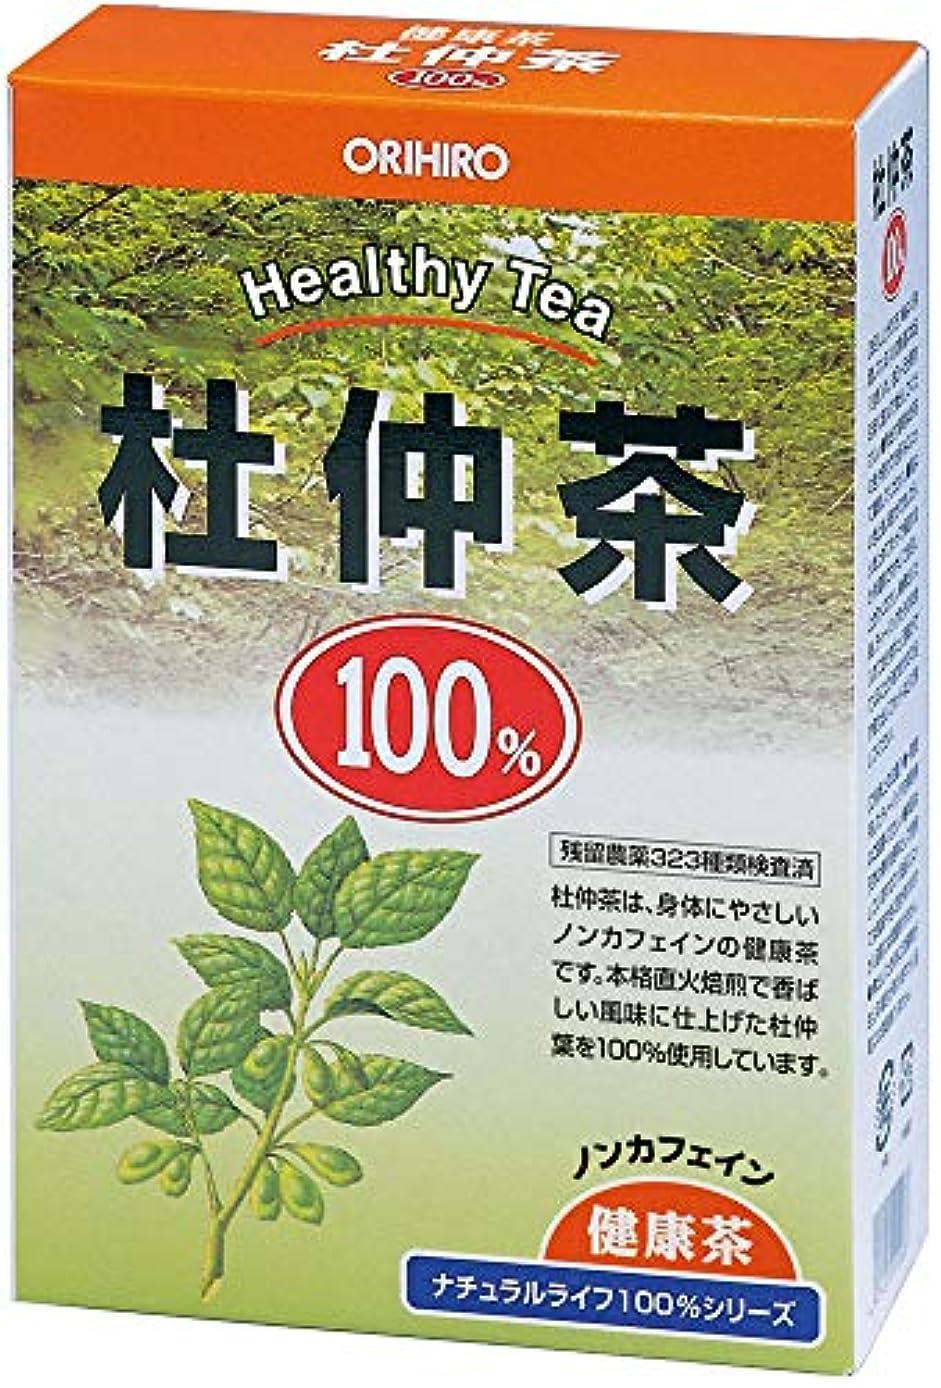 回想住む感嘆符オリヒロ NLティー100% 杜仲茶